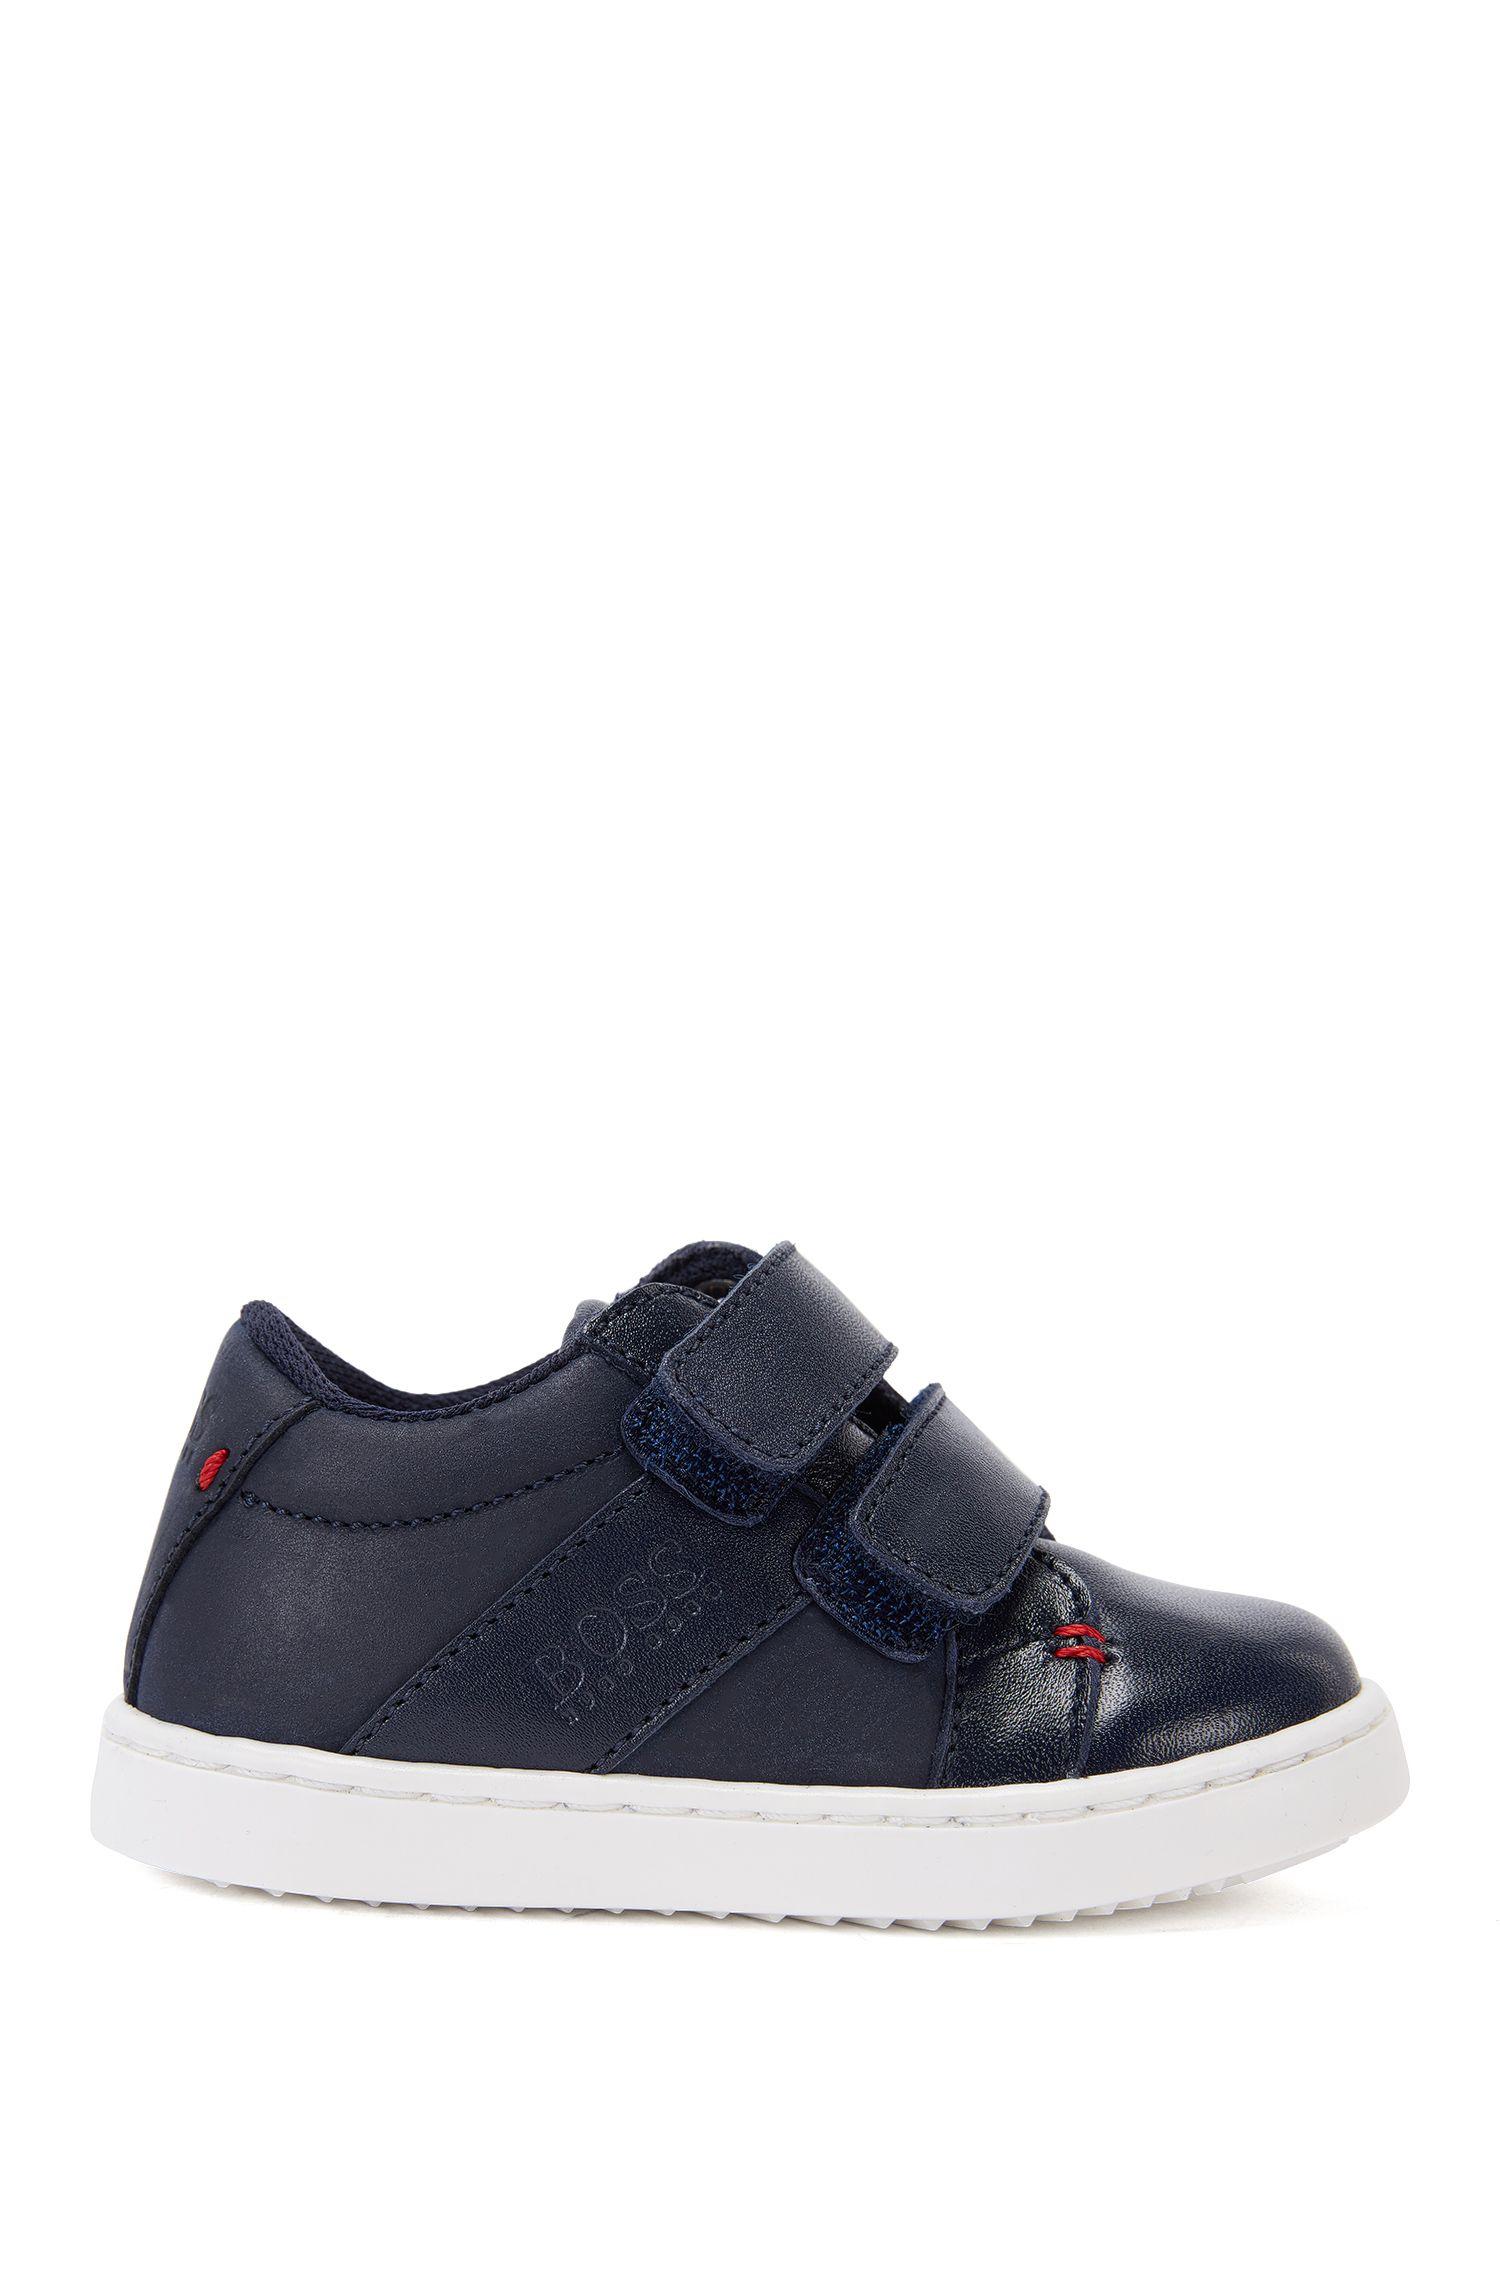 Baby-Sneakers aus Leder mit Klettverschluss: 'J09085'